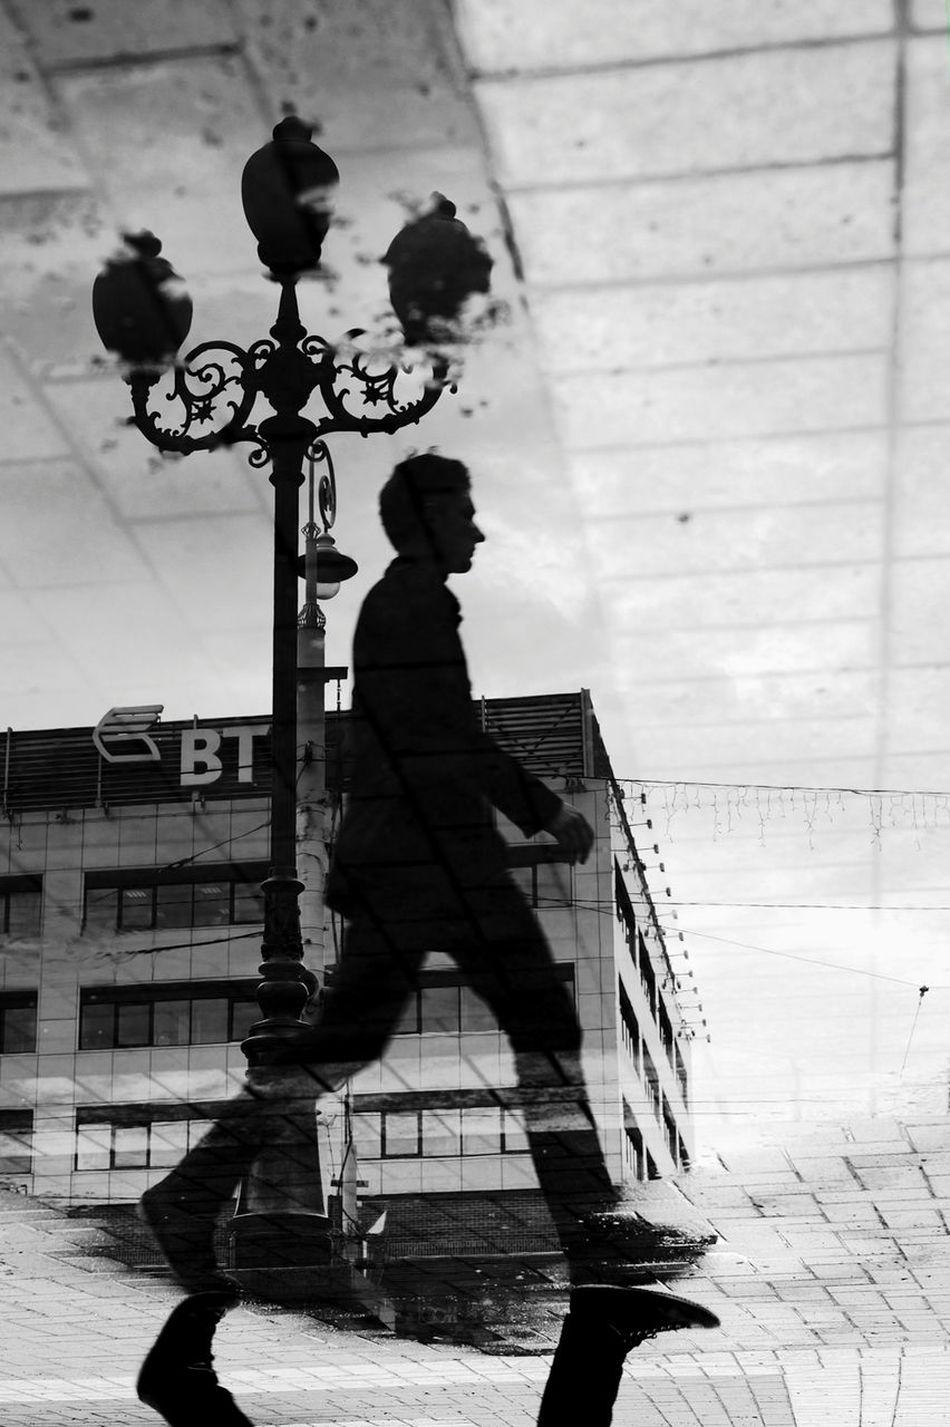 Kaliningrad калининград Streetphotography Streetphotographer Streetphoto_bw Photoreportage площадьпобеды фоторепортаж Кловер Photography улица39 Fujifilmru Fujifilm X-Pro1 35mm зеркало отражение в воде отражение_в_лужах